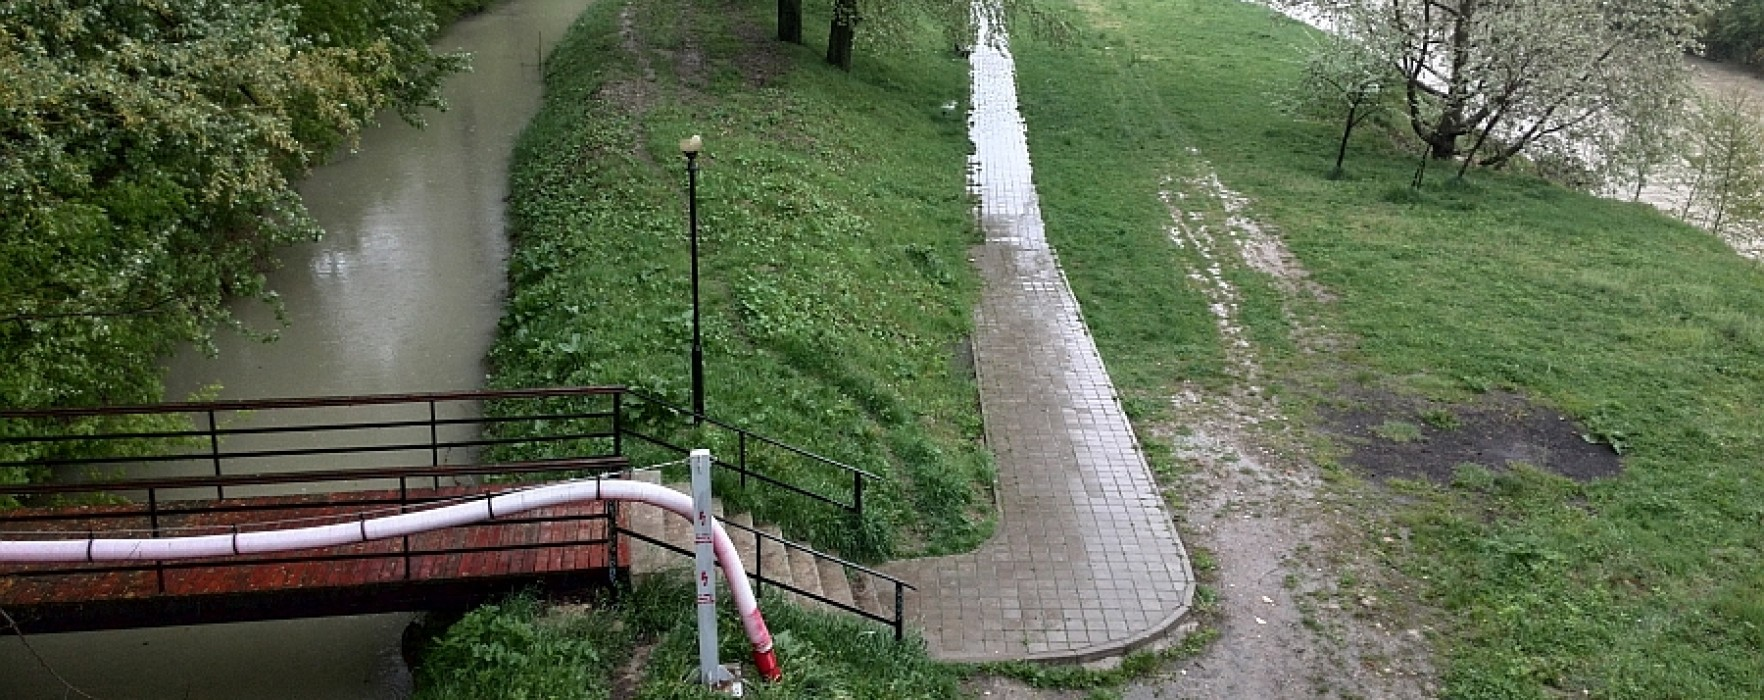 Accesul în parcul Mihai Bravu din Târgovişte, interzis din cauza surpării malurilor Ialomiţei